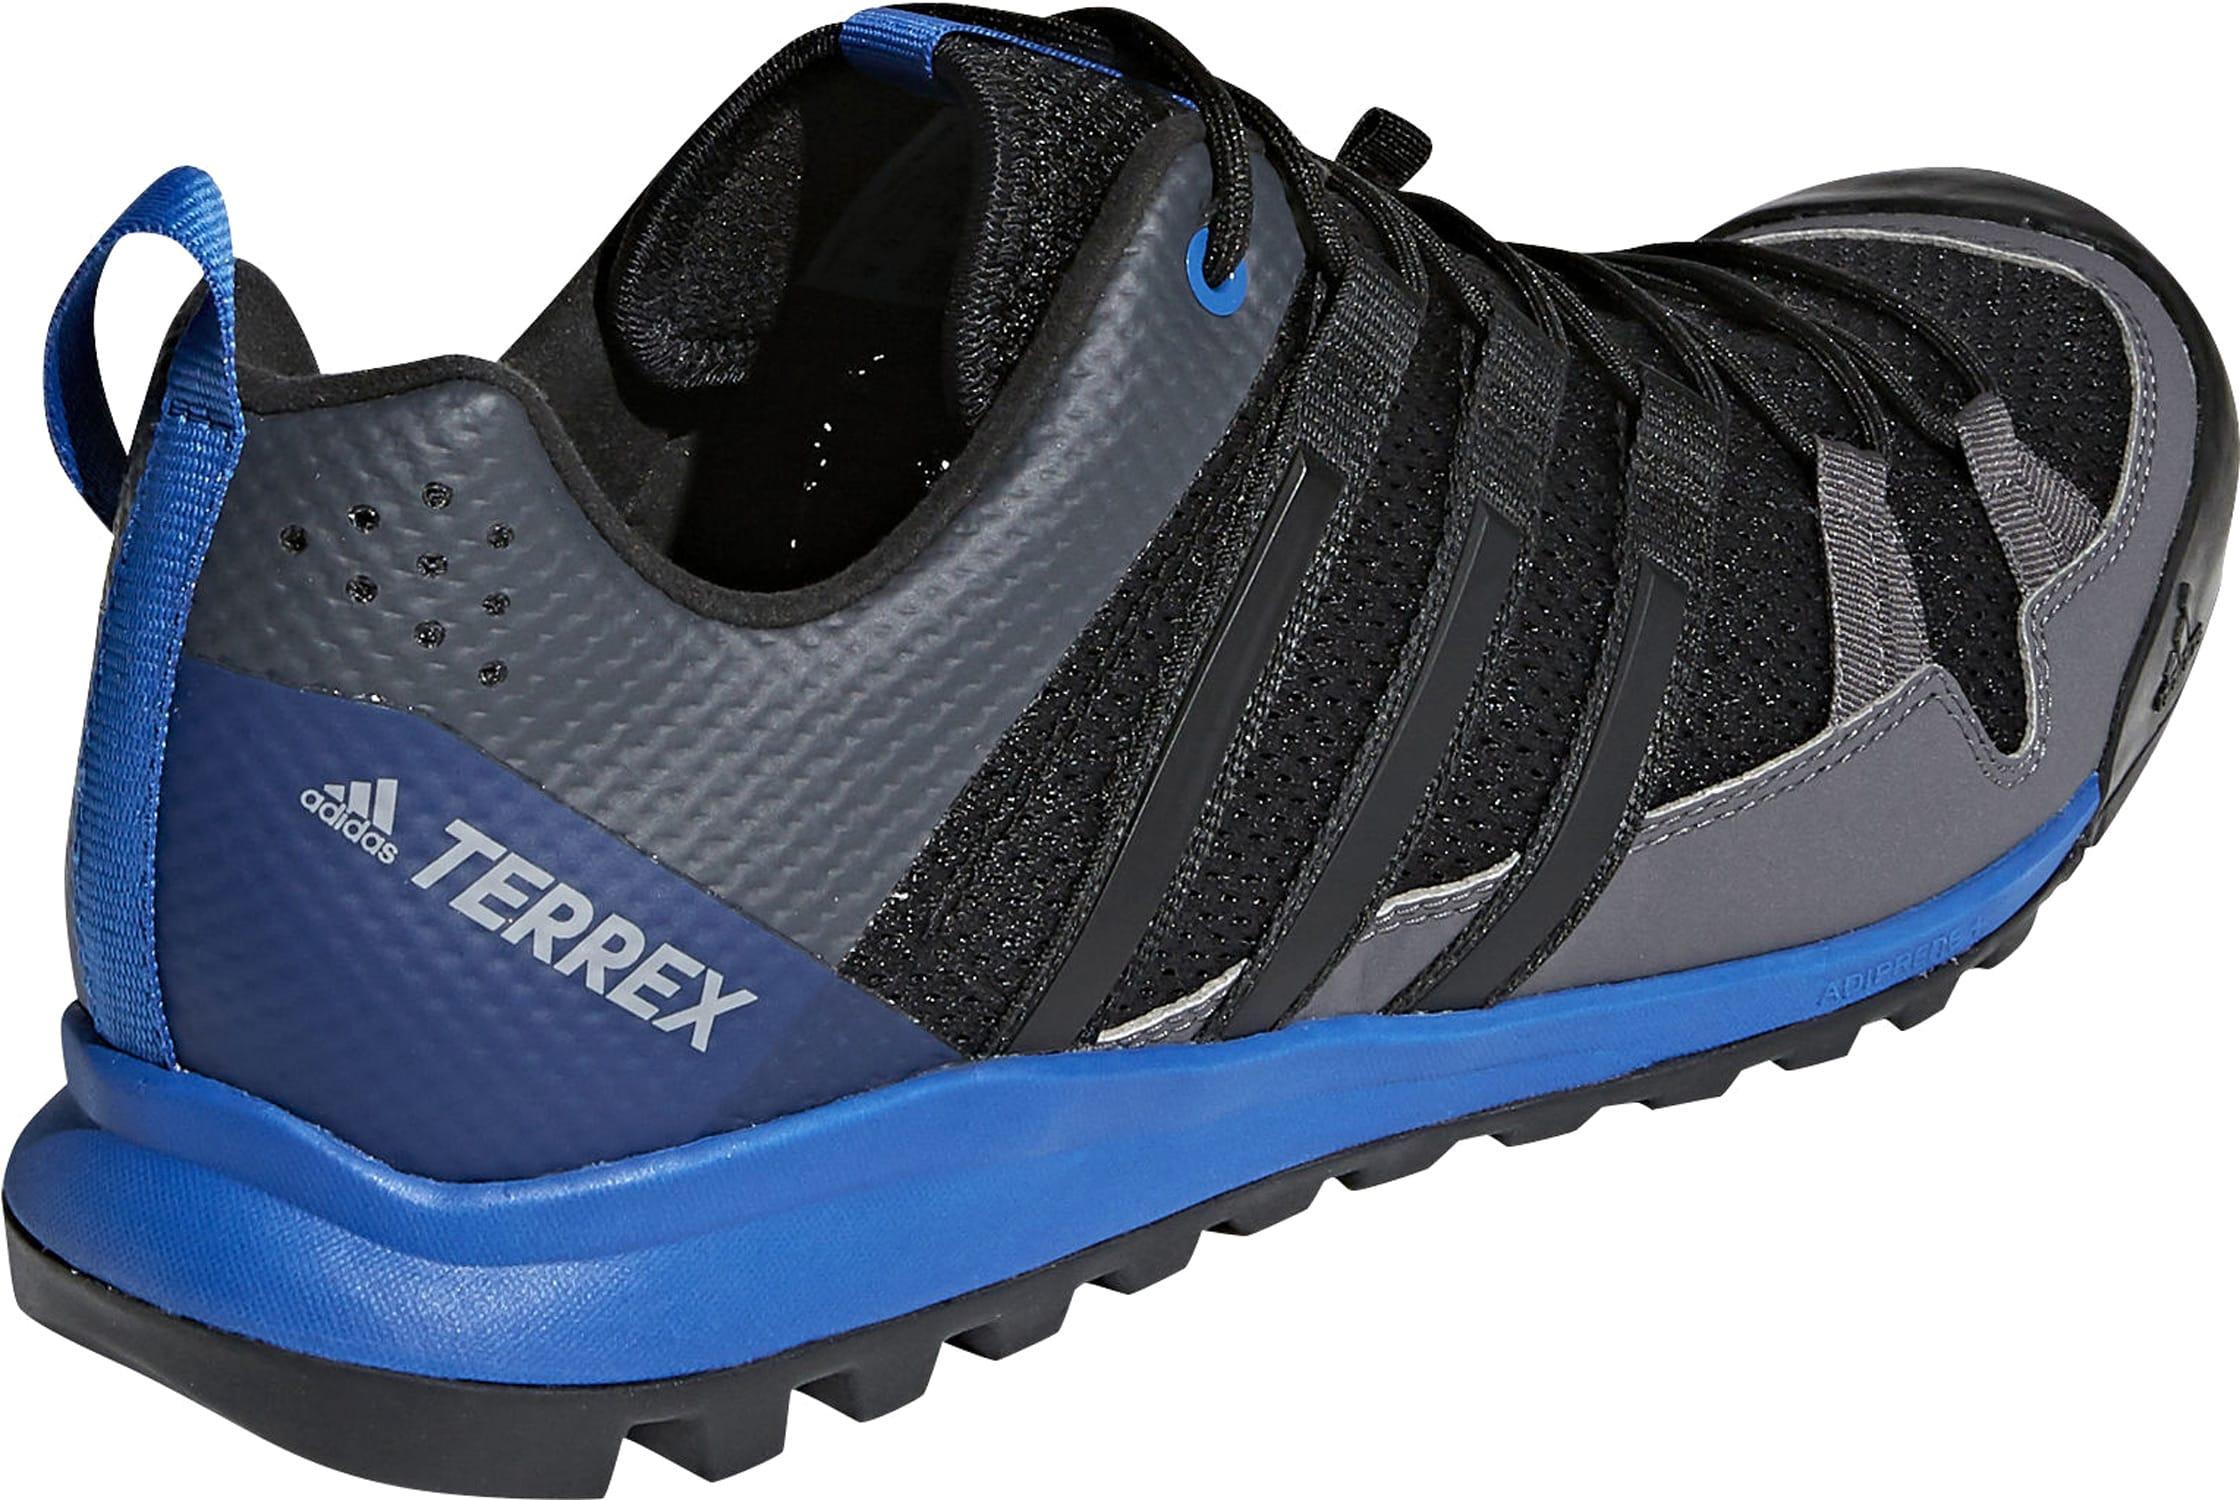 Adidas Terrex solo zapatos de senderismo 2019